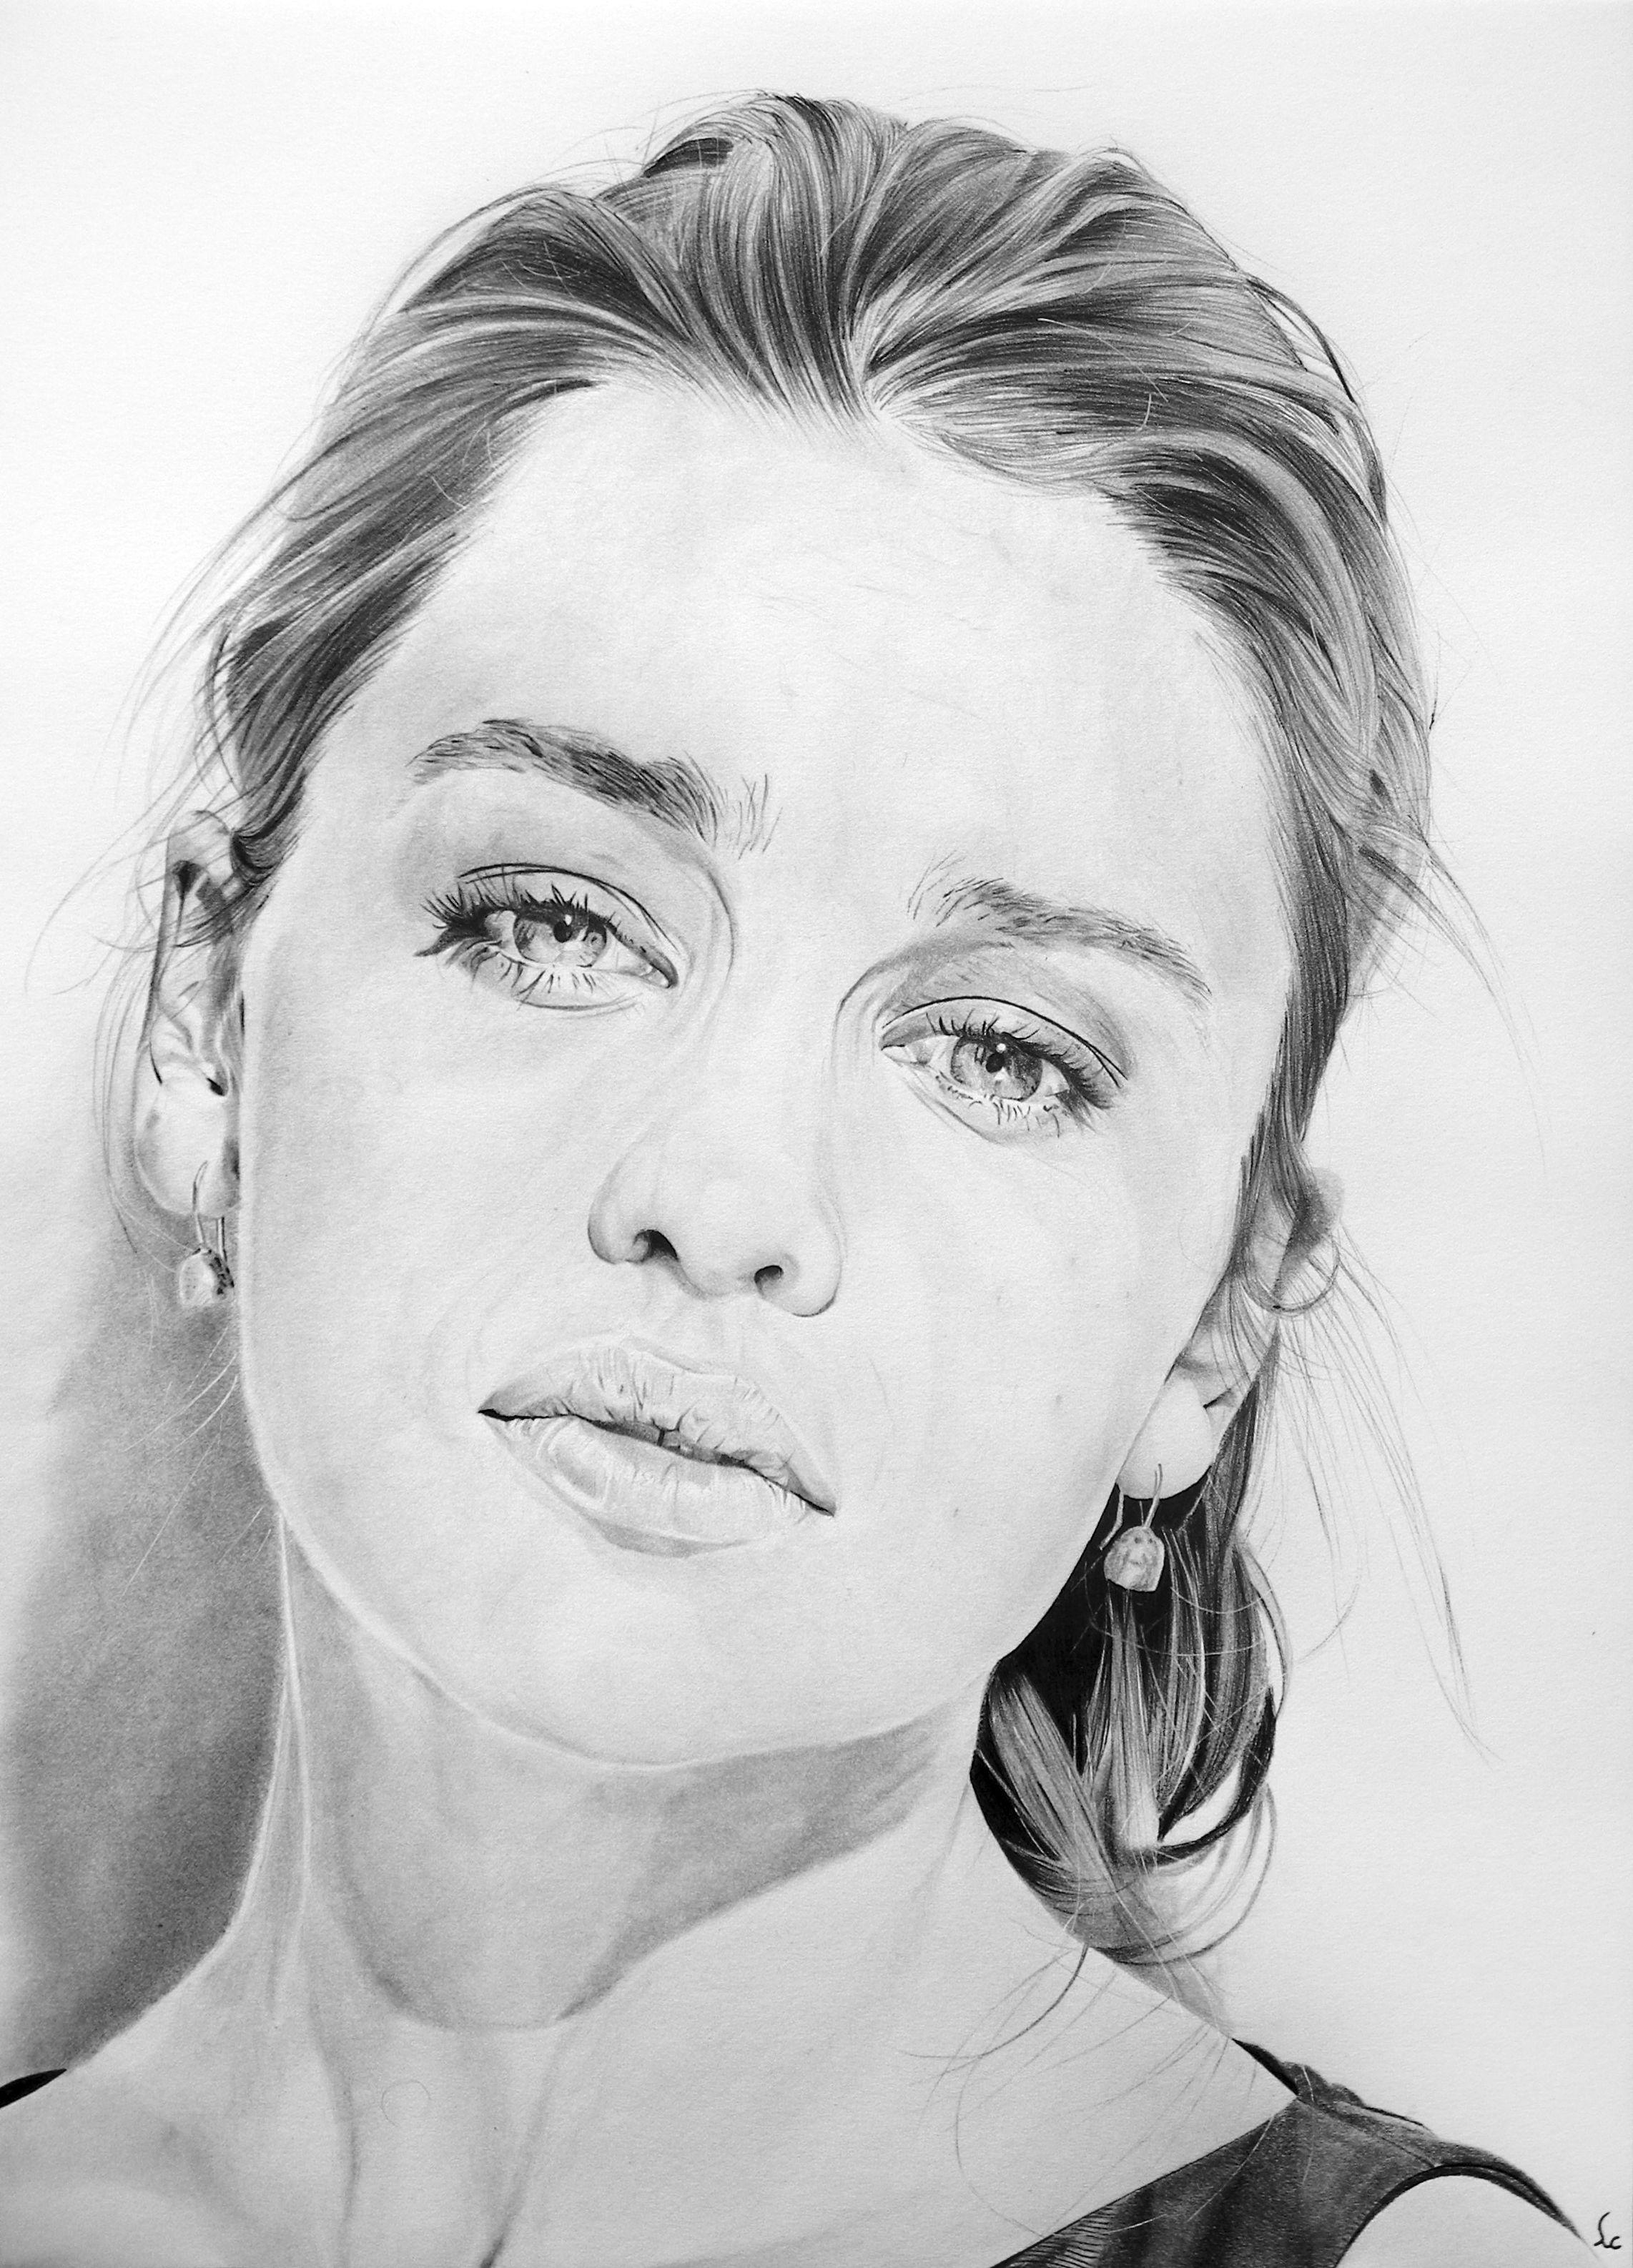 1000 images about emilia clarke on pinterest emilia - Emilia Clarke By Portrait Lc Https Www Facebook Com Portraitlc